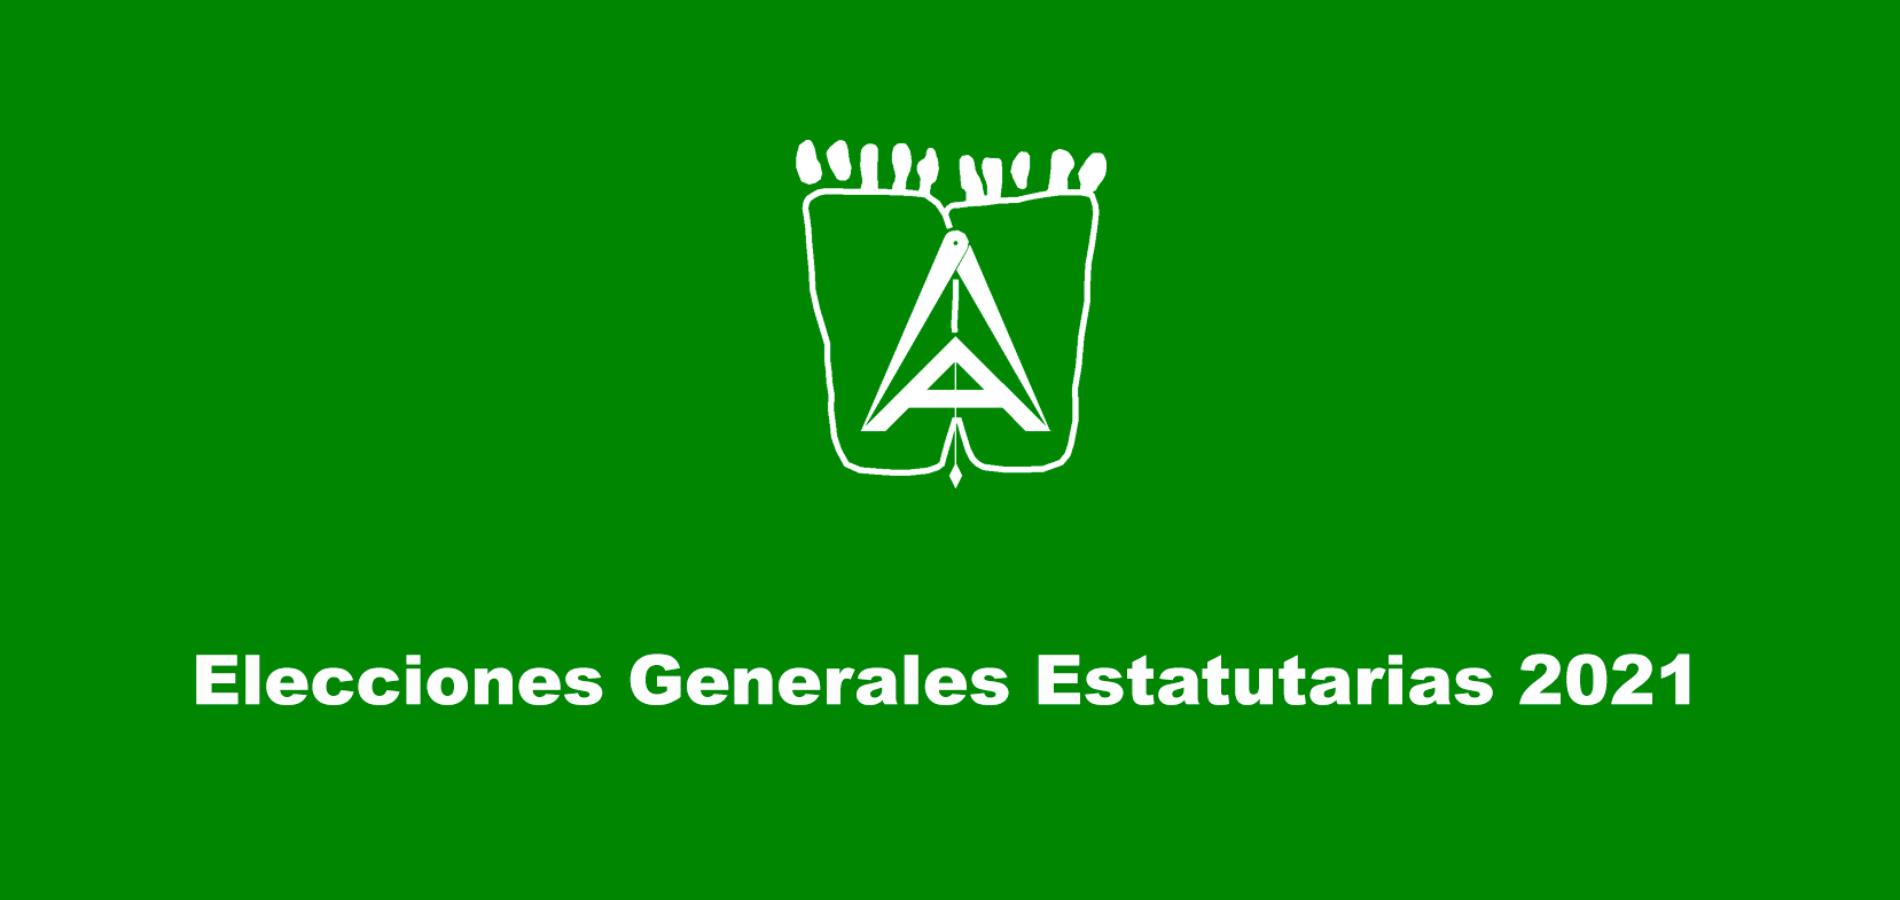 COAATIEF – Elecciones Generales Estatutarias 2021